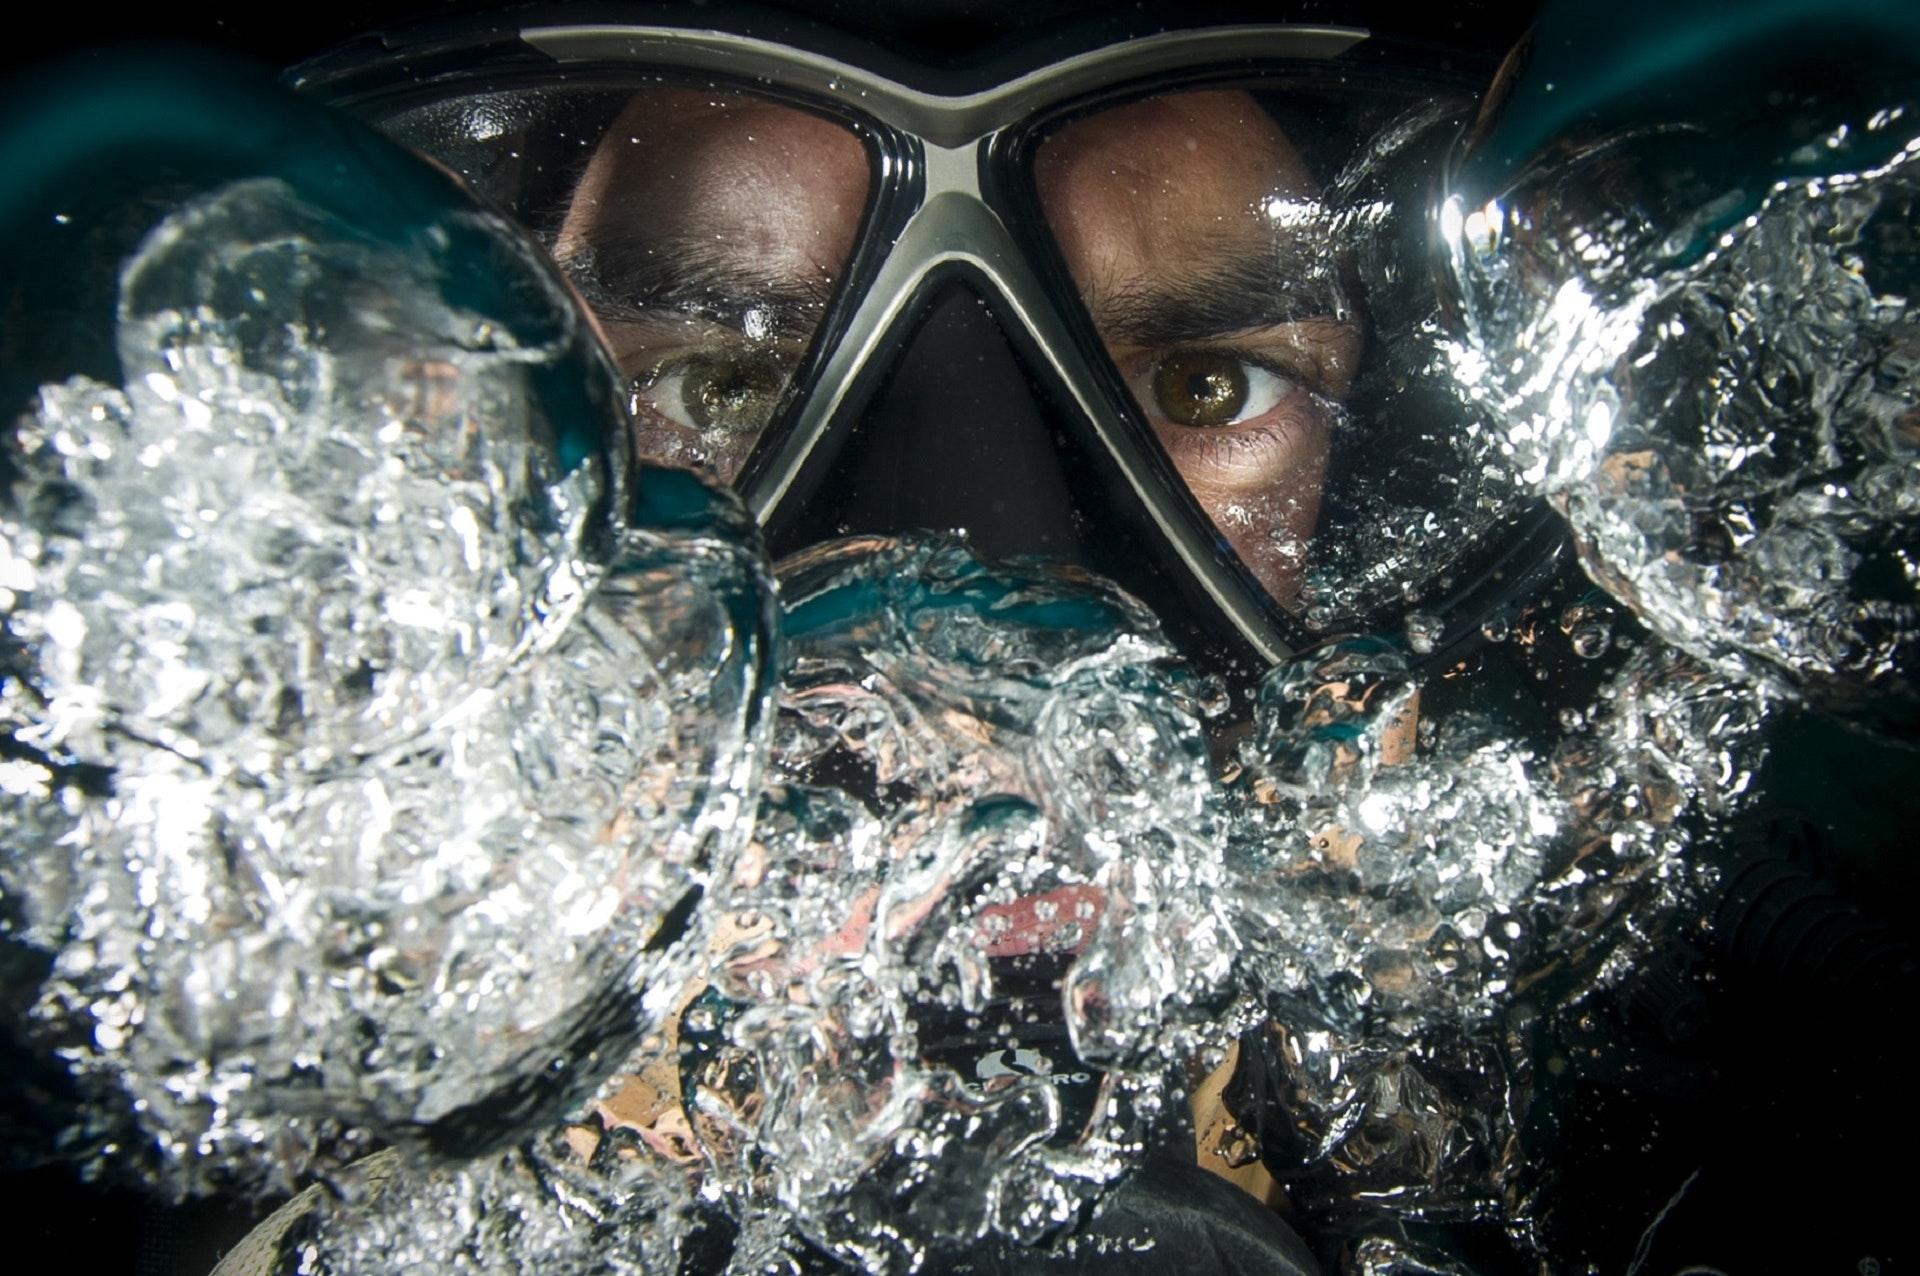 dive-diver-eyes-37545